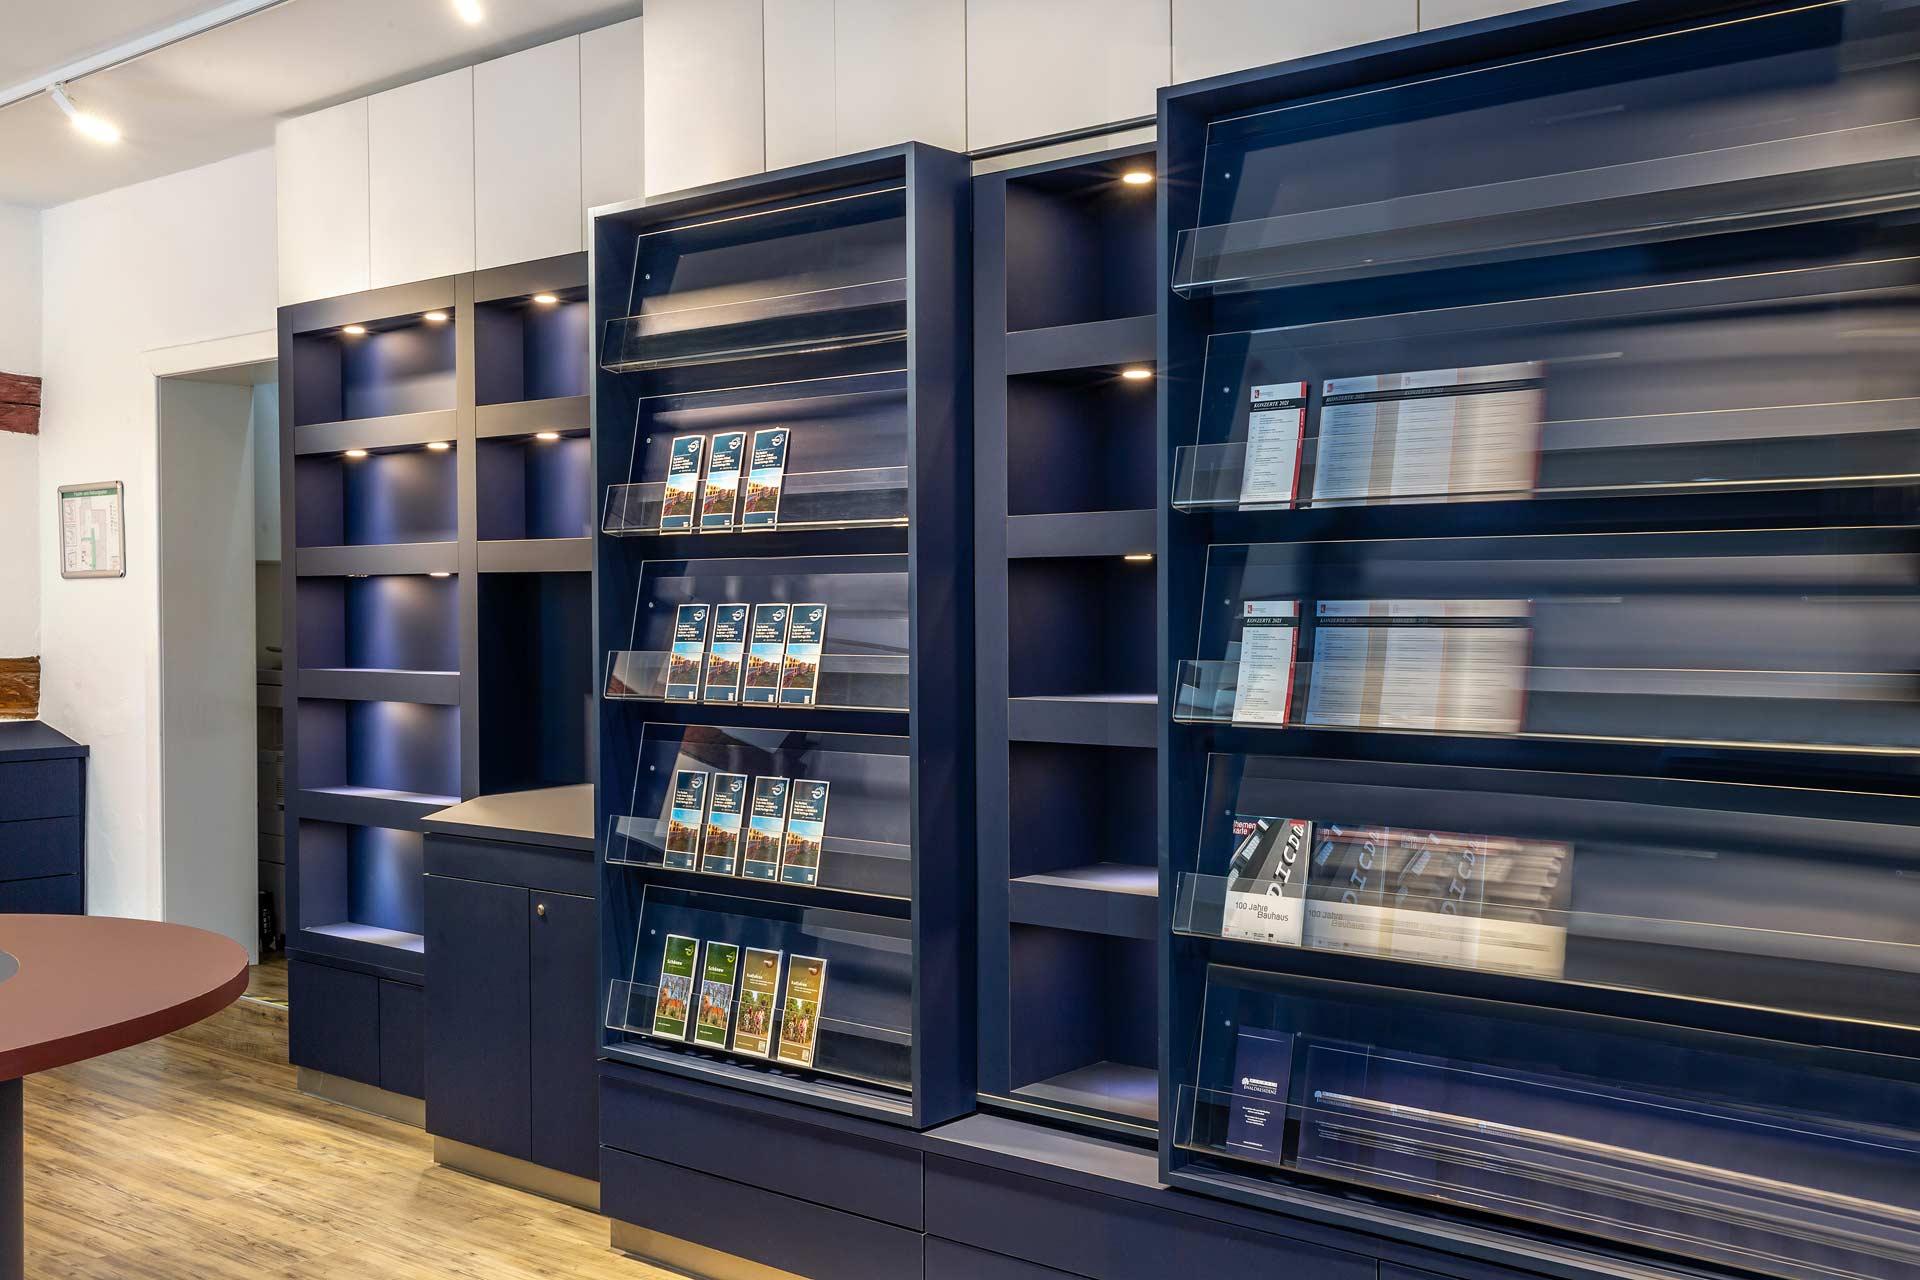 interior-fotografie-store-regale-pantoneblau